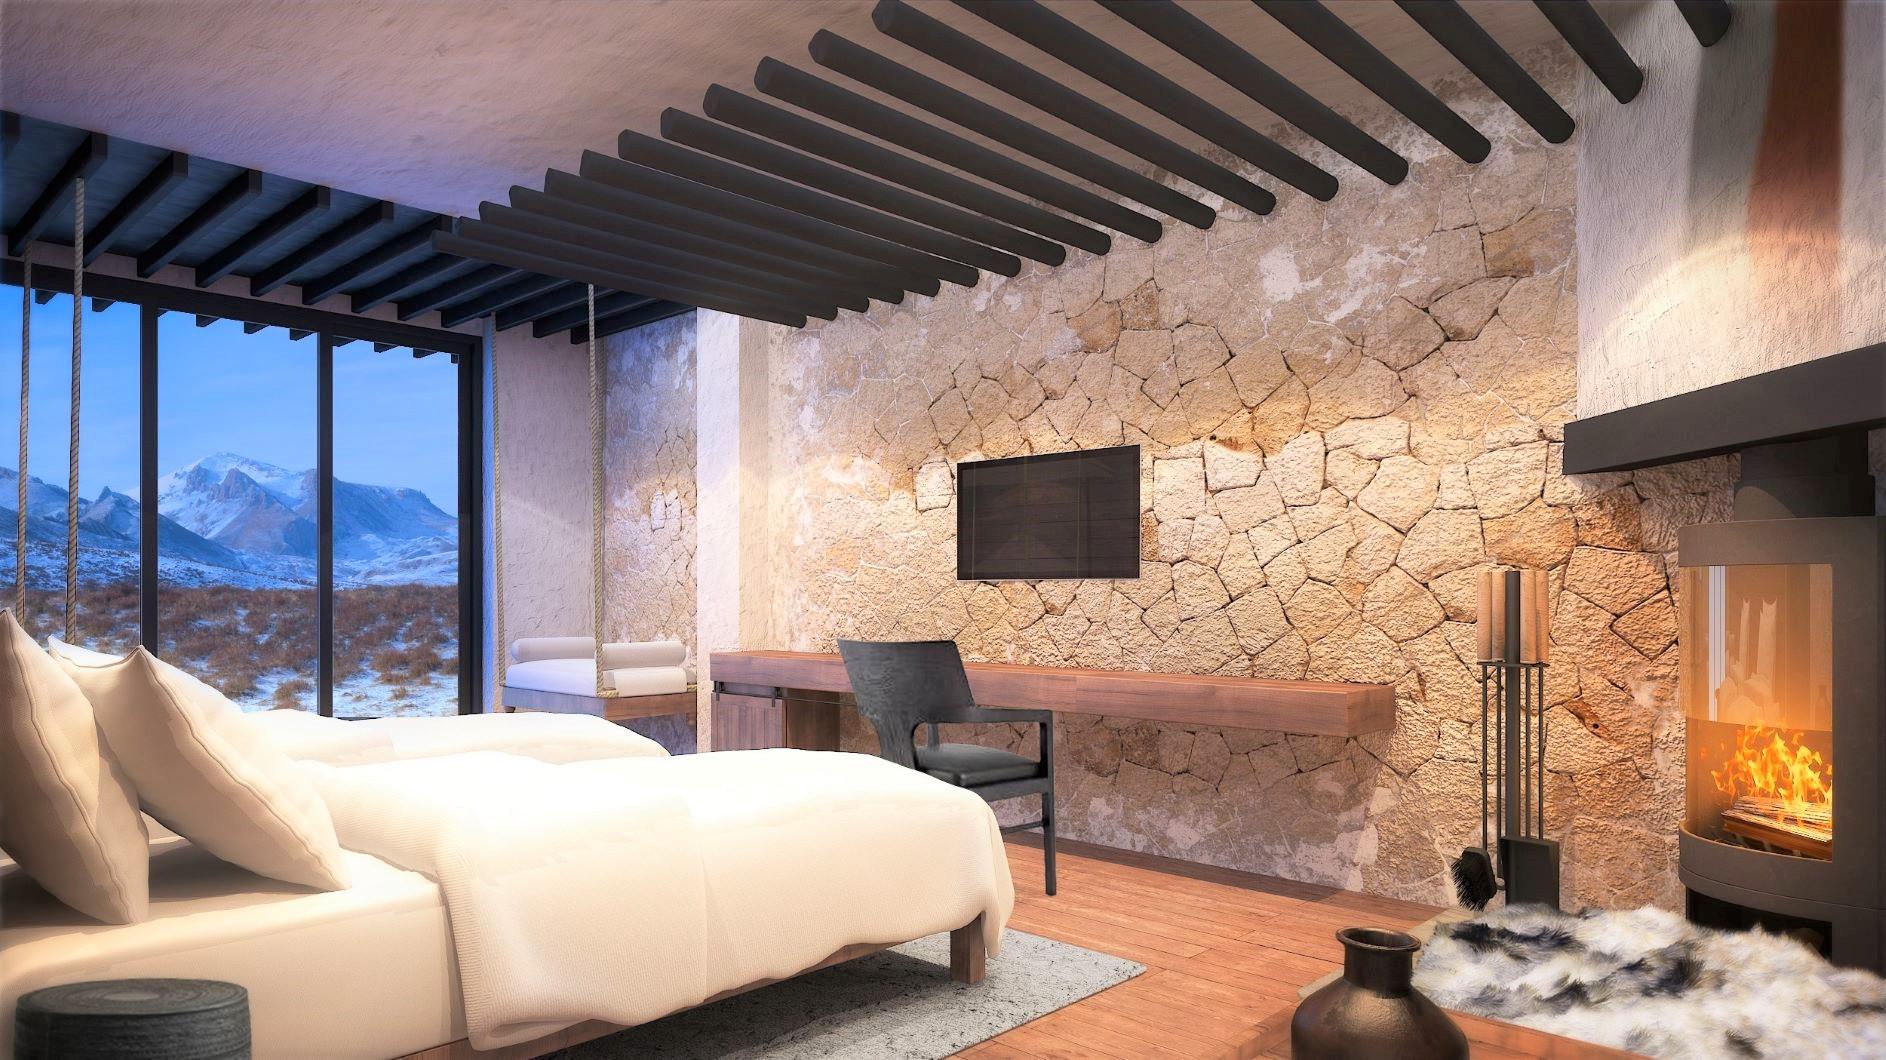 ジョムソンのホテルの部屋の一例